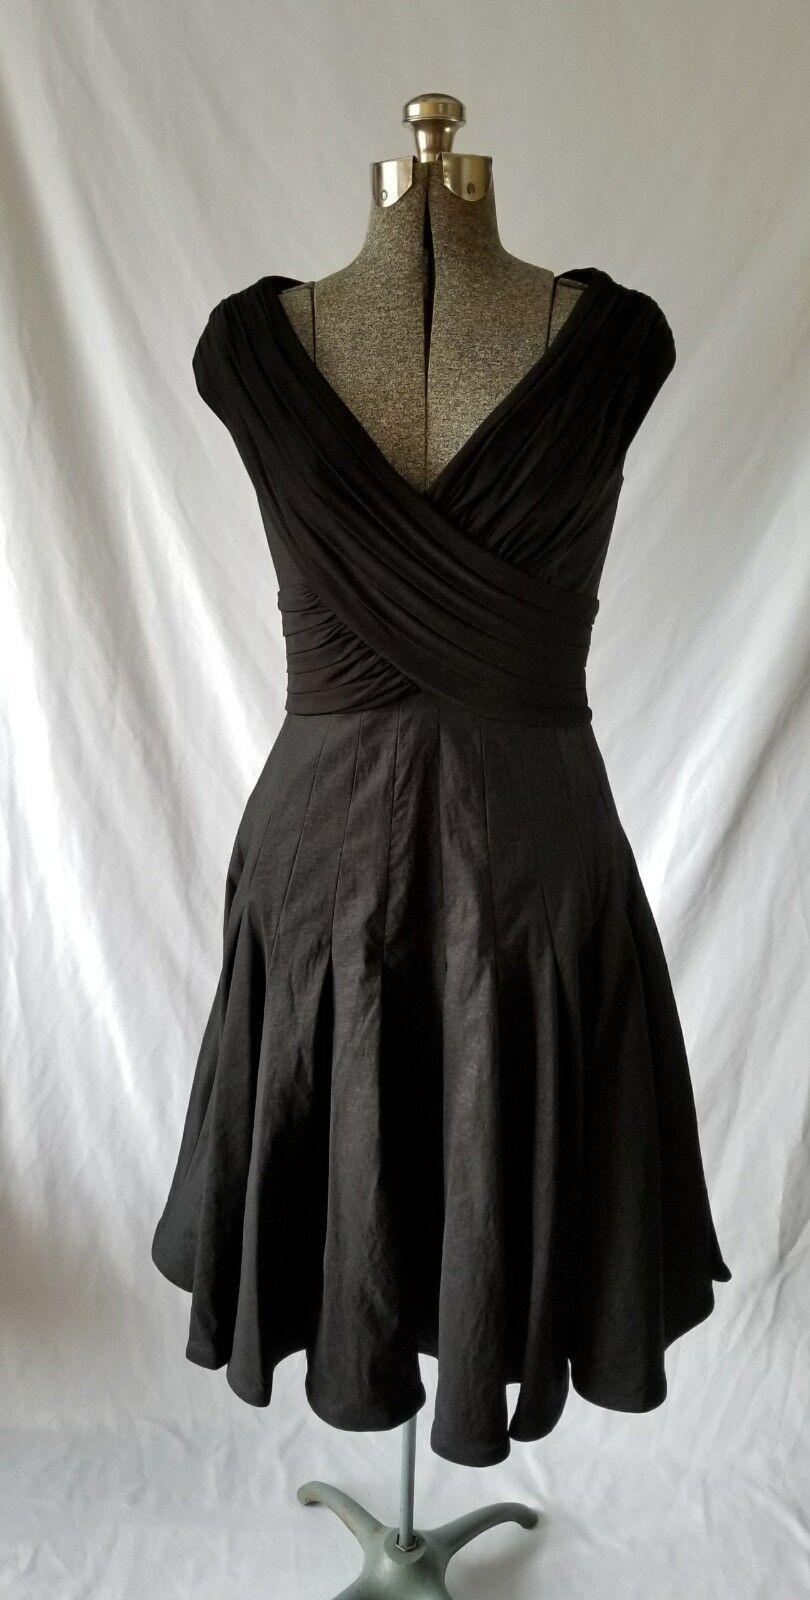 Adrianna Papell schwarz damen Pleated A-Line Off The Shoulder Dress Größe 8